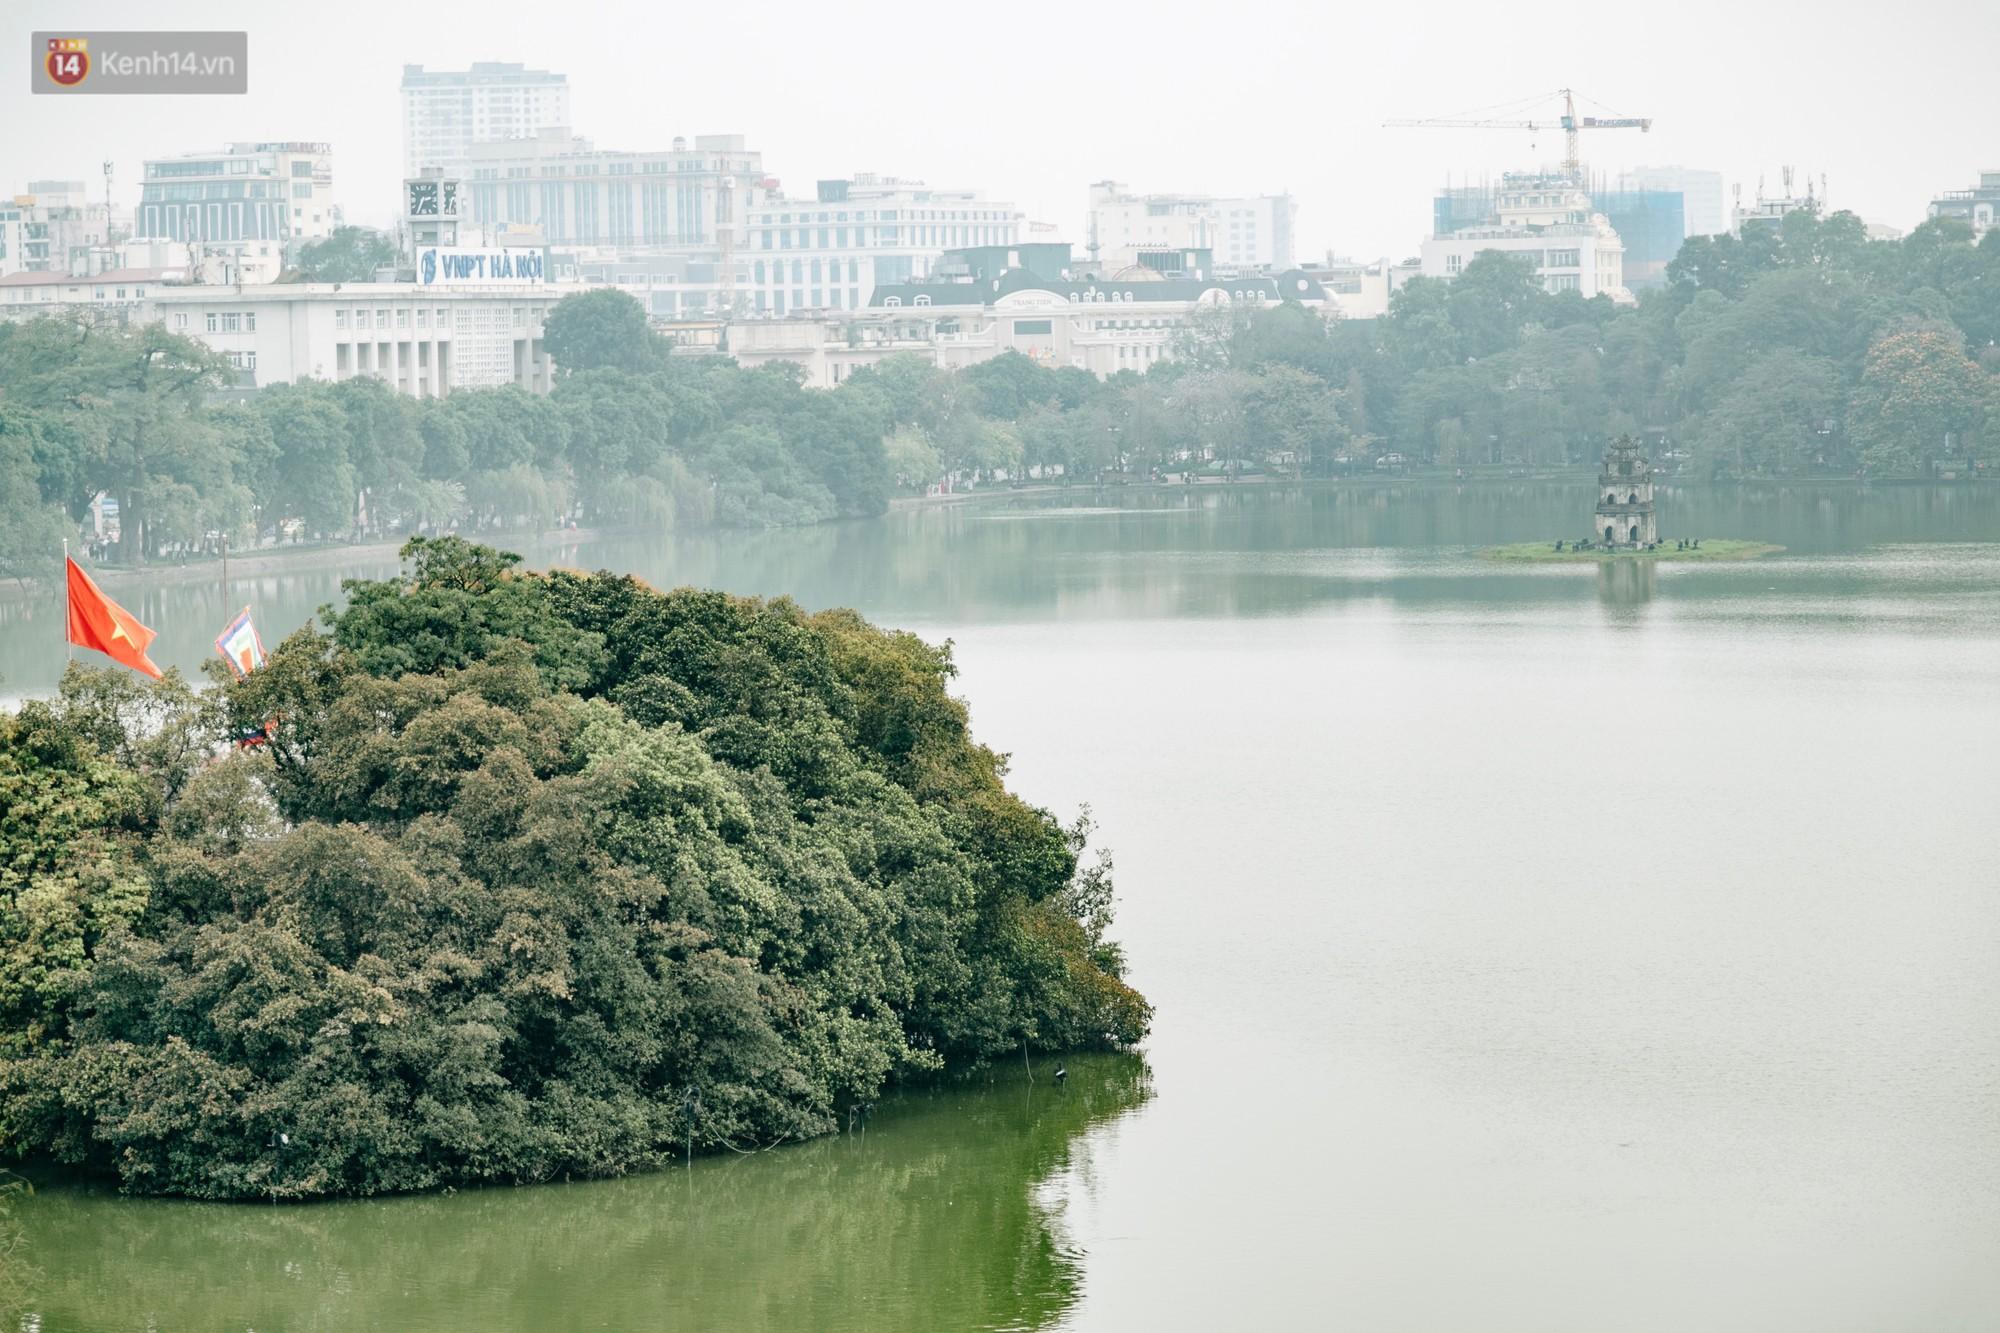 Xuất hiện trên CNN, thủ đô Hà Nội được bạn bè quốc tế tấm tắc khen vì xinh đẹp, bình yên - Ảnh 12.